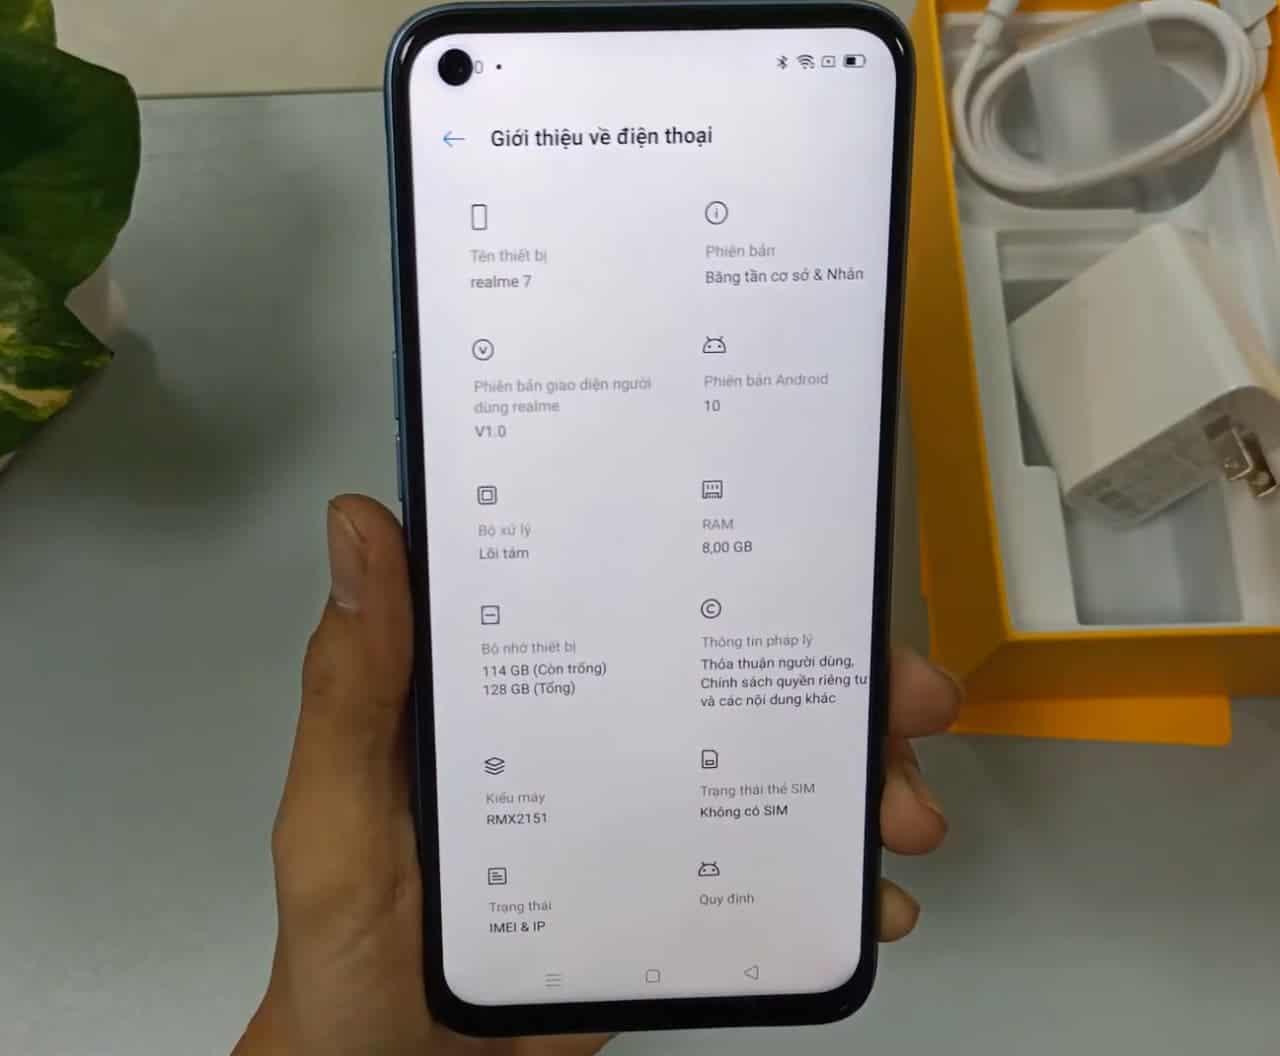 В сеть утекли подробные характеристики и изображения смартфона Realme 7 (egko nquyae0l9o)